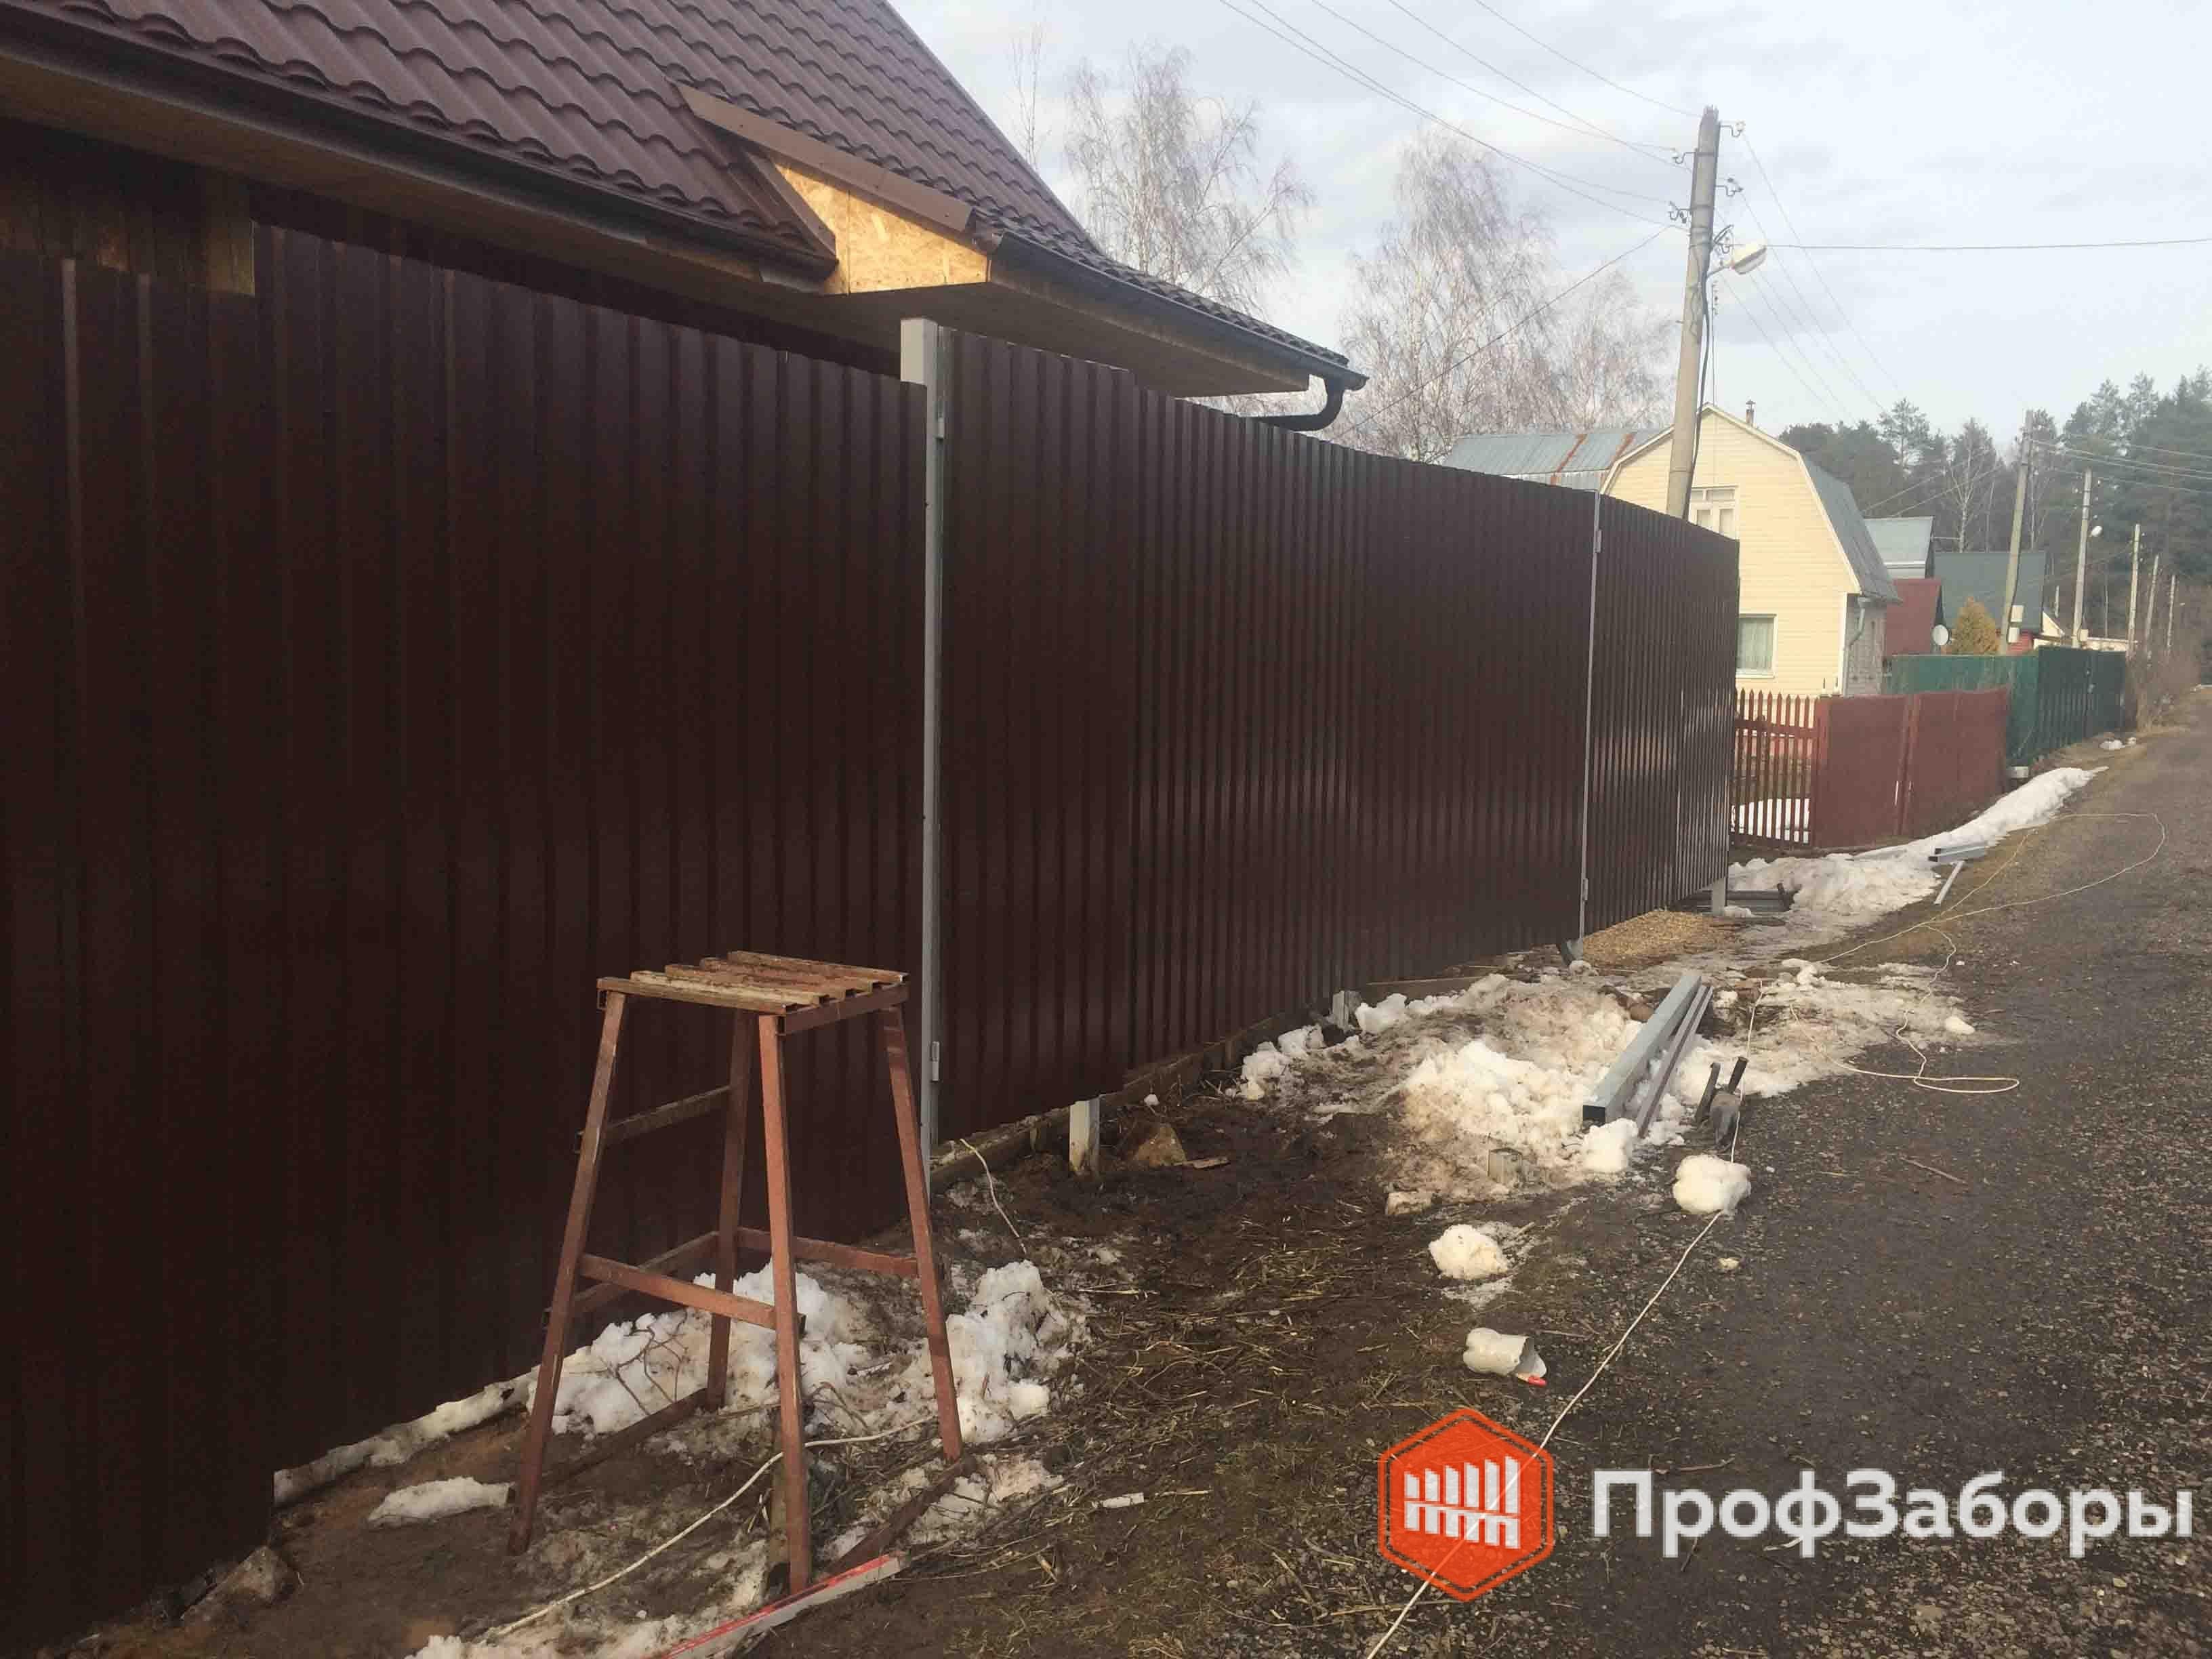 Заборы Из профнастила  - Владимирская область. Фото 3